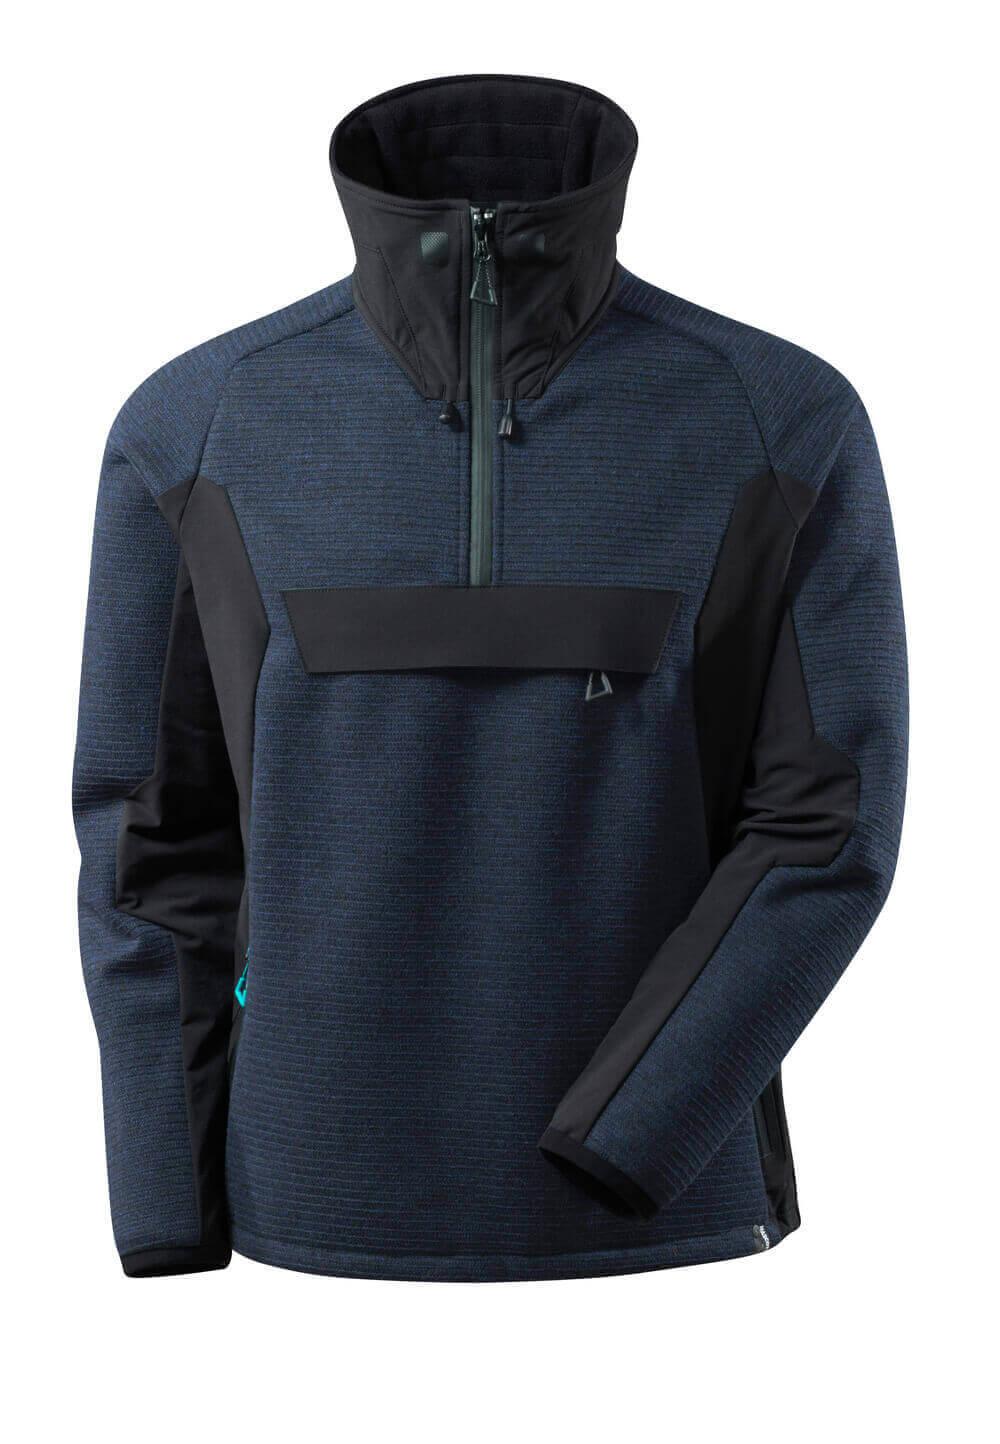 17005-309-01009 Strickjacke mit kurzem Reißverschluss - Schwarzblau/Schwarz